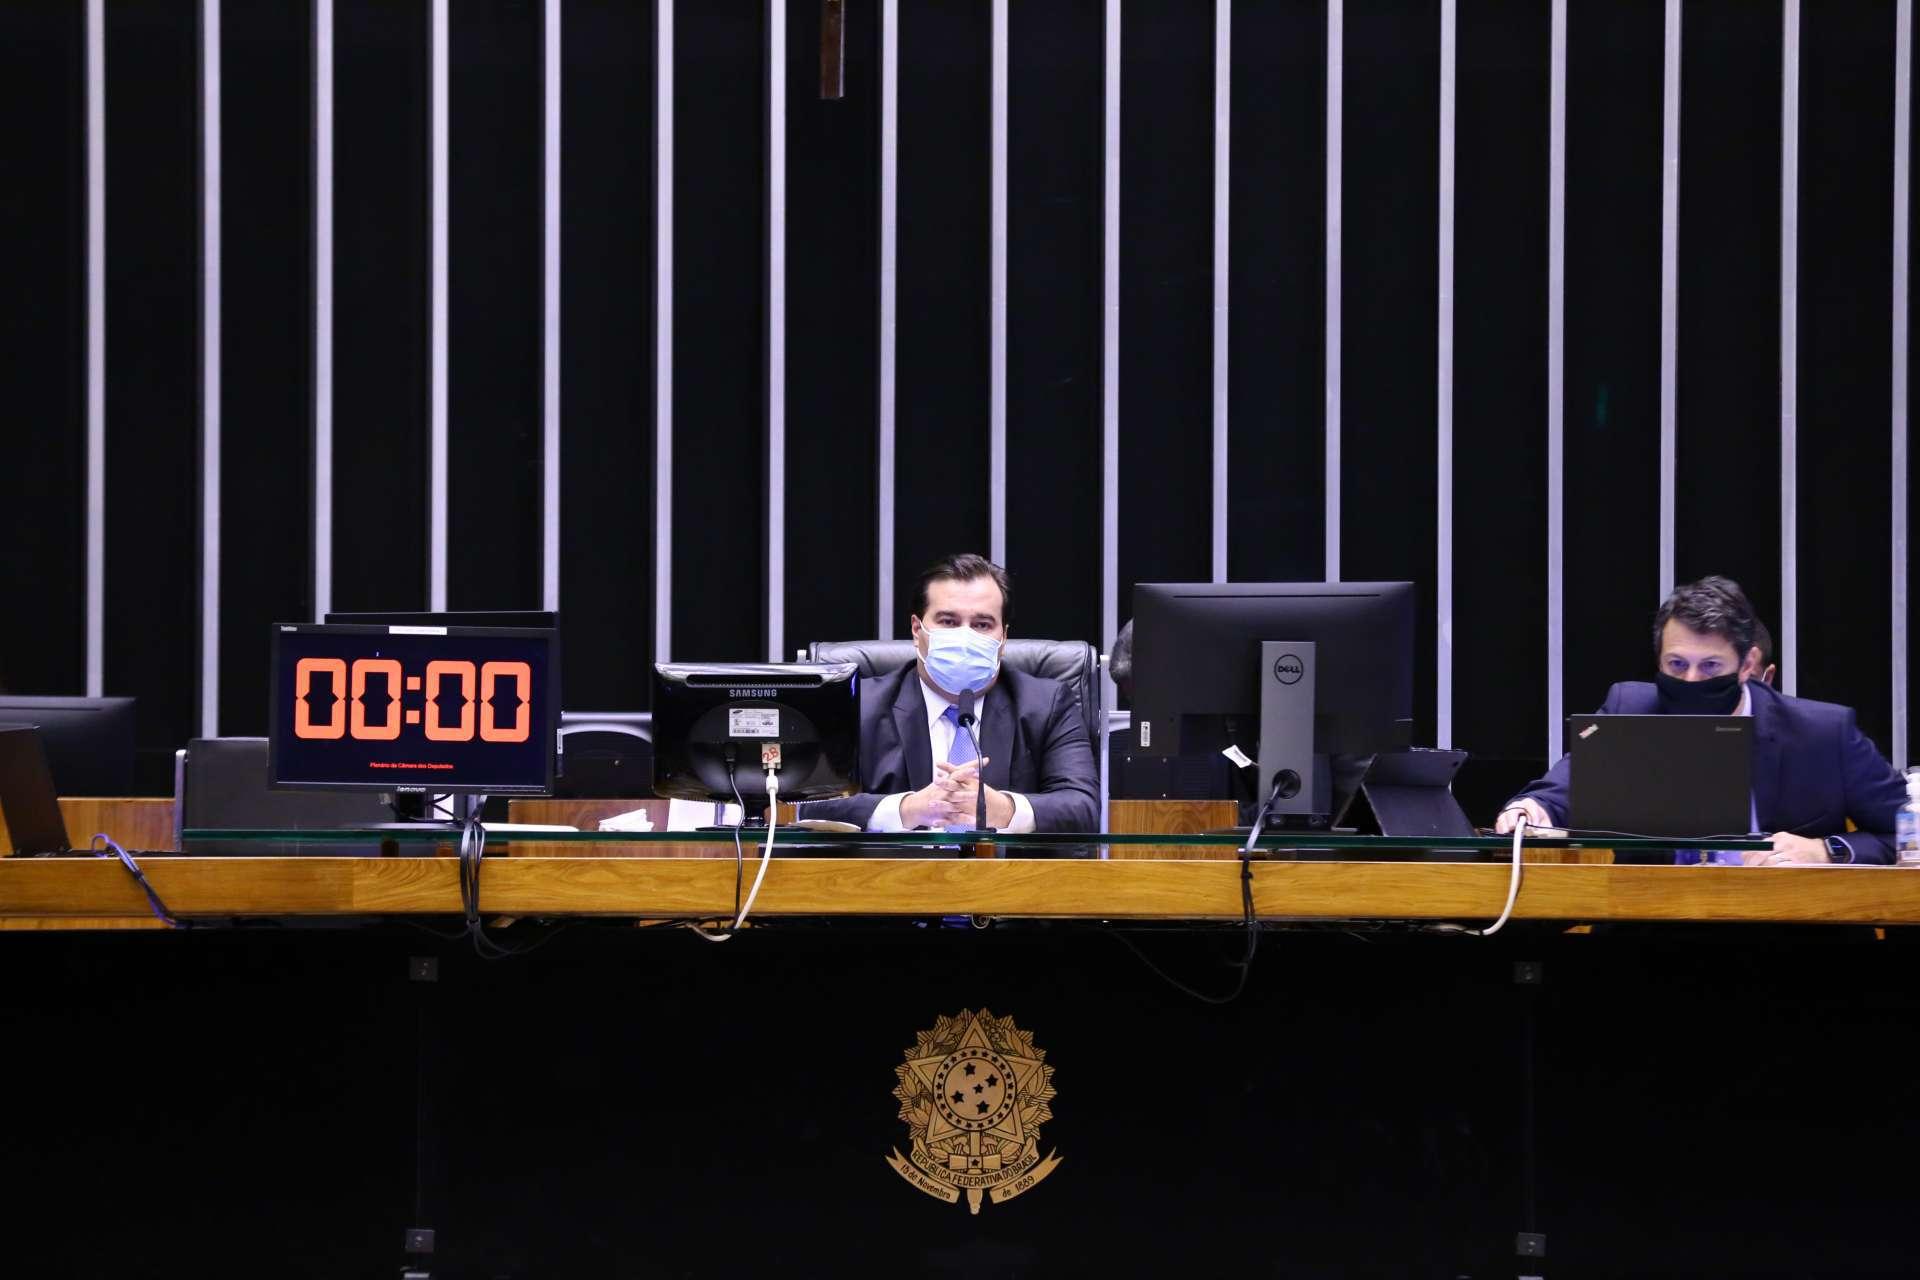 RODRIGO Maia avaliou ontem que adiar mudanças no Fundeb para 2022 seria